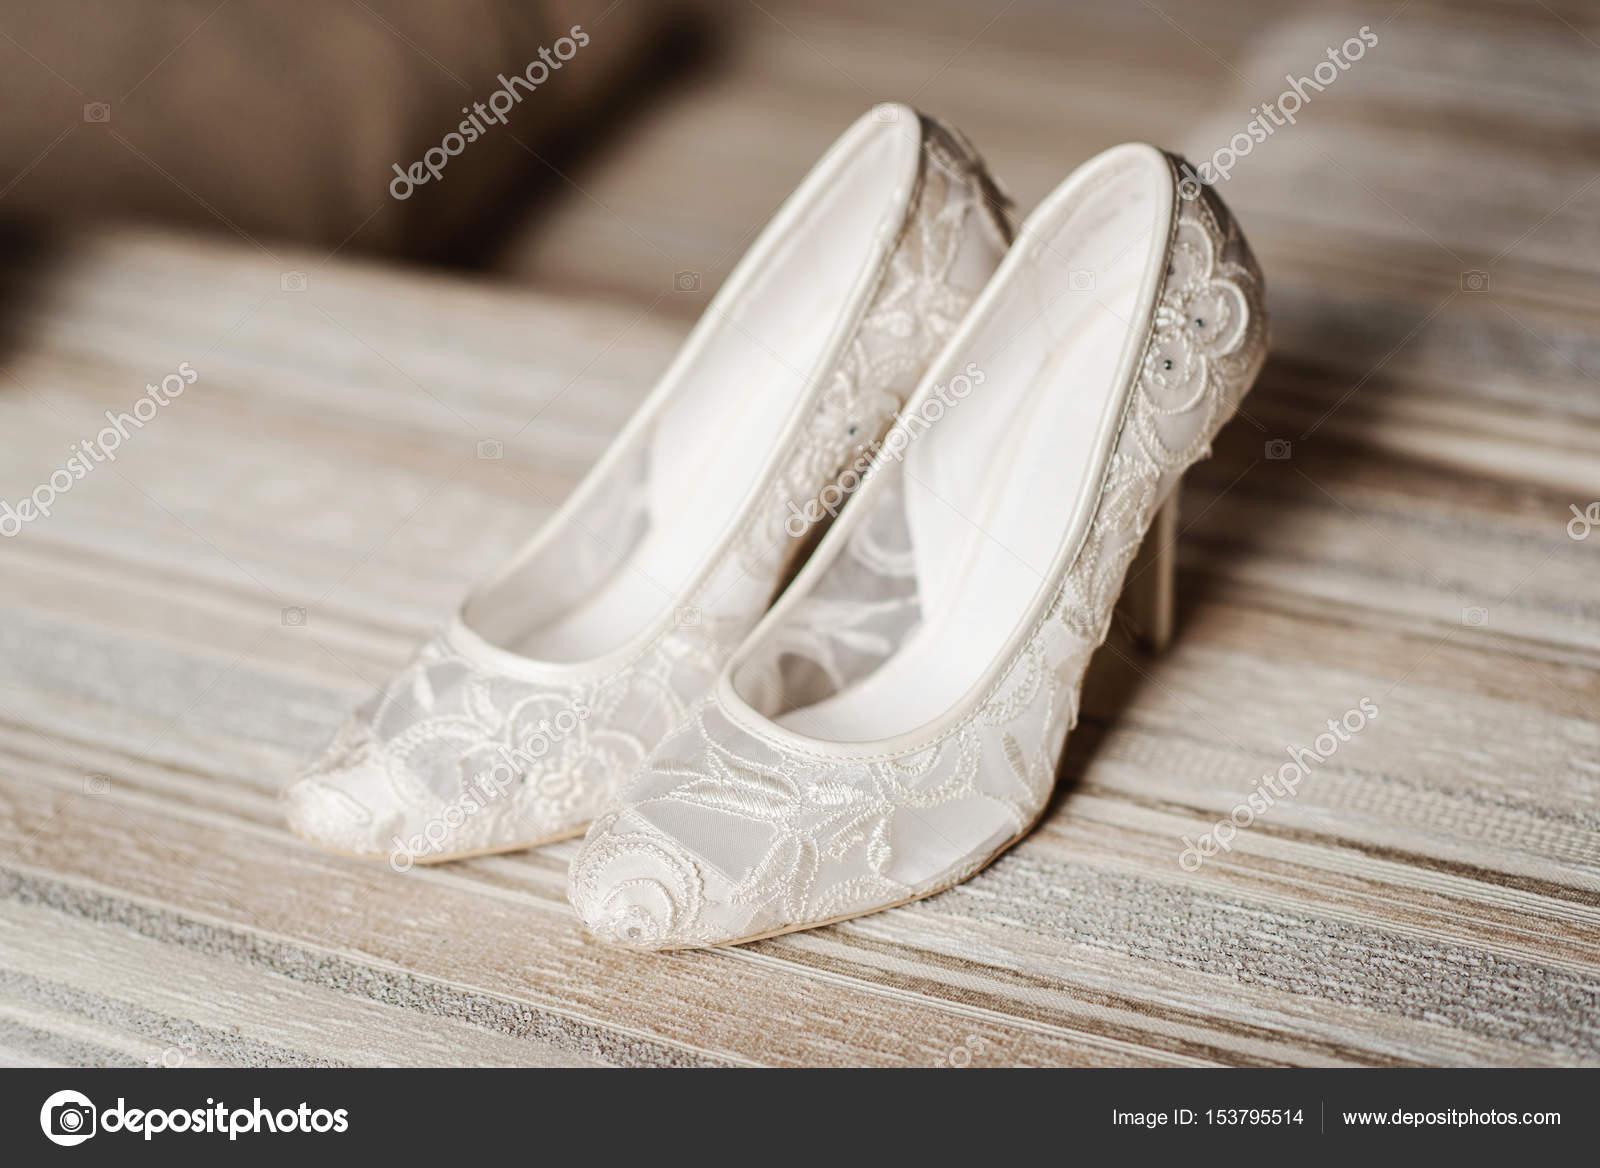 Moderne Hochzeitsschuhe Stockfoto C Shmelevanatalie 153795514